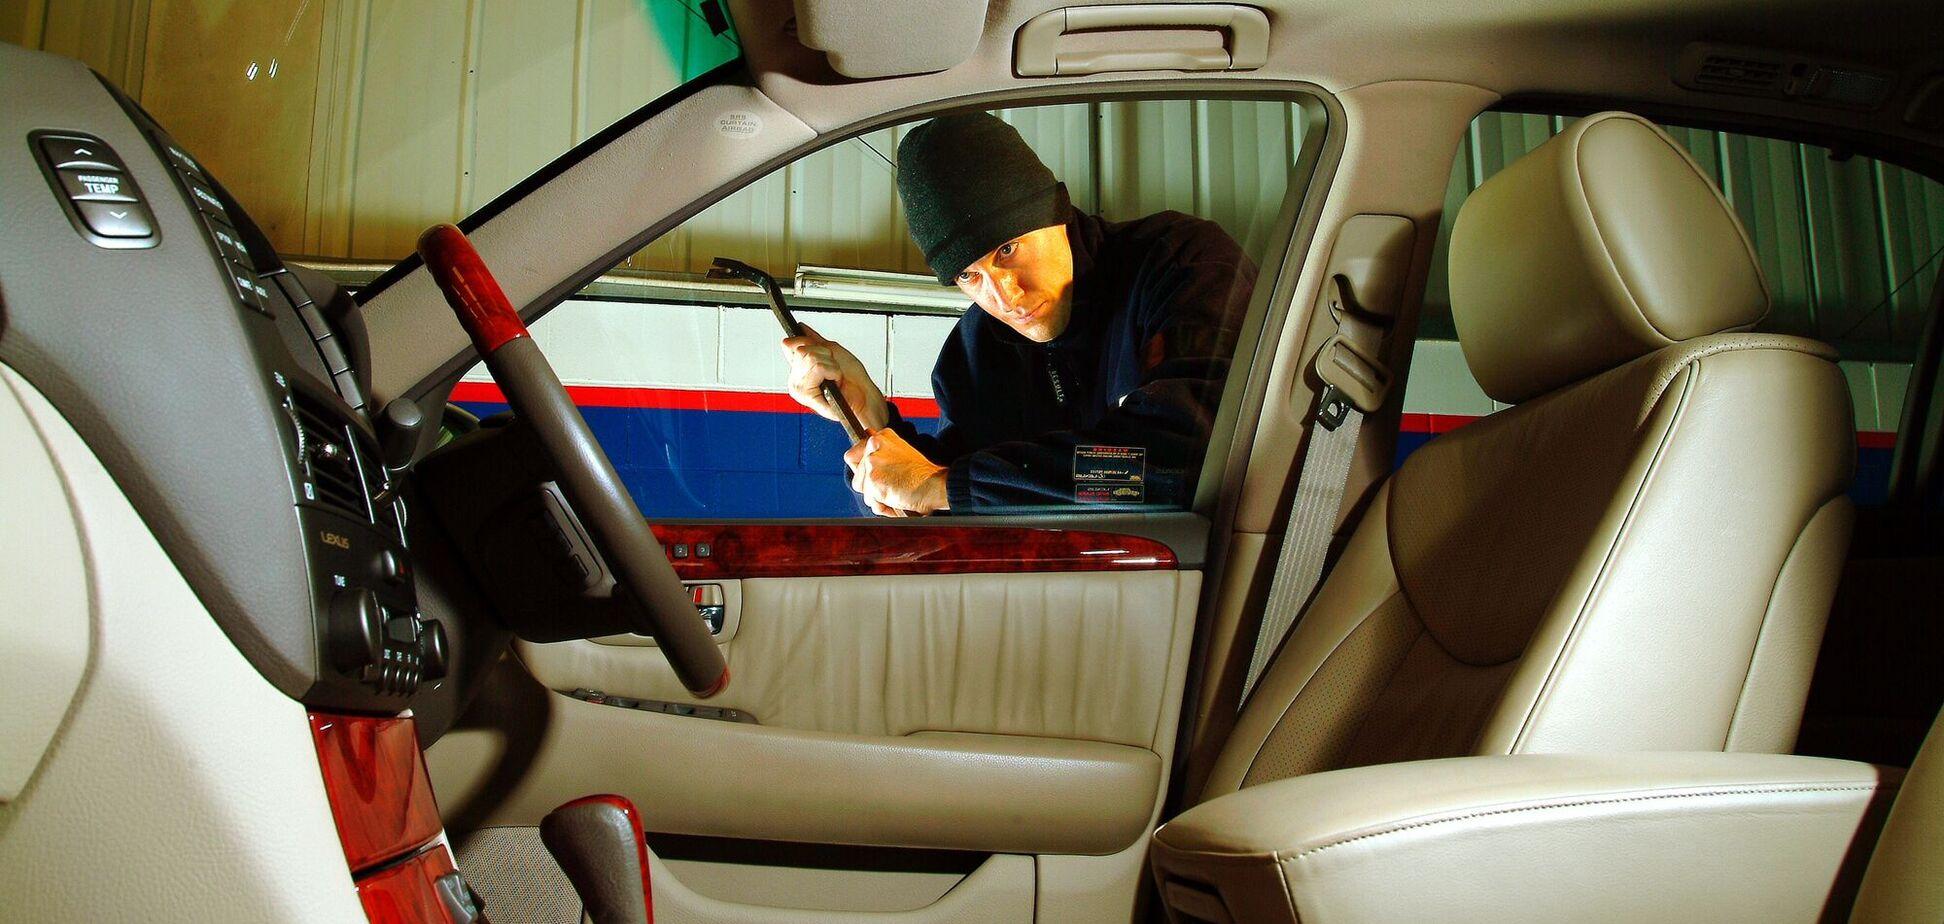 В Украине количество угонов авто снизилось до рекордного уровня